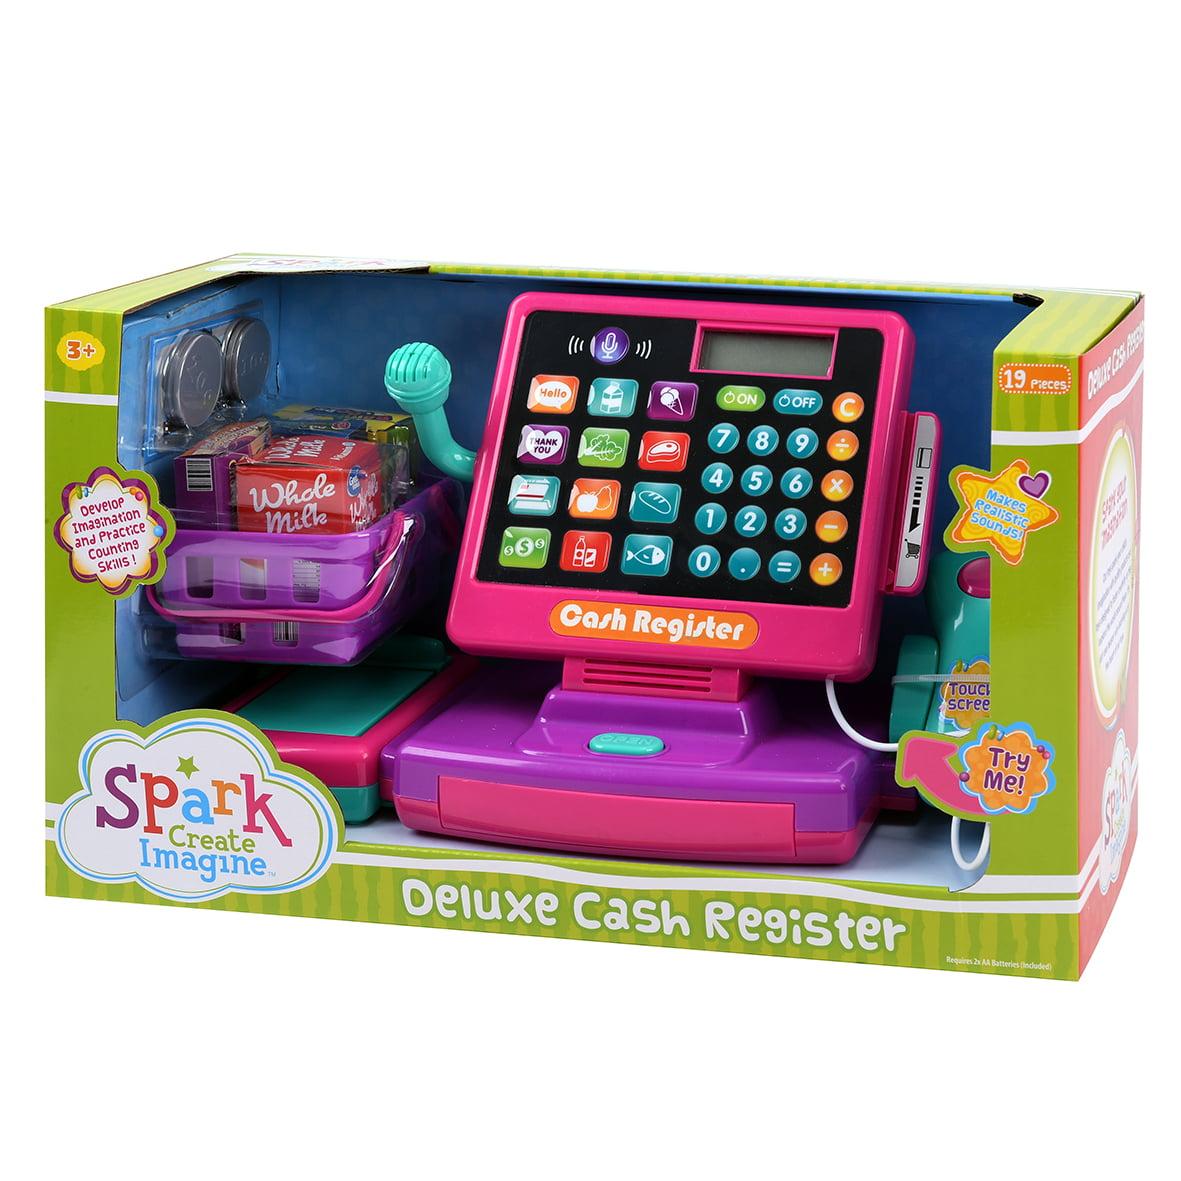 Spark Deluxe Cash Register